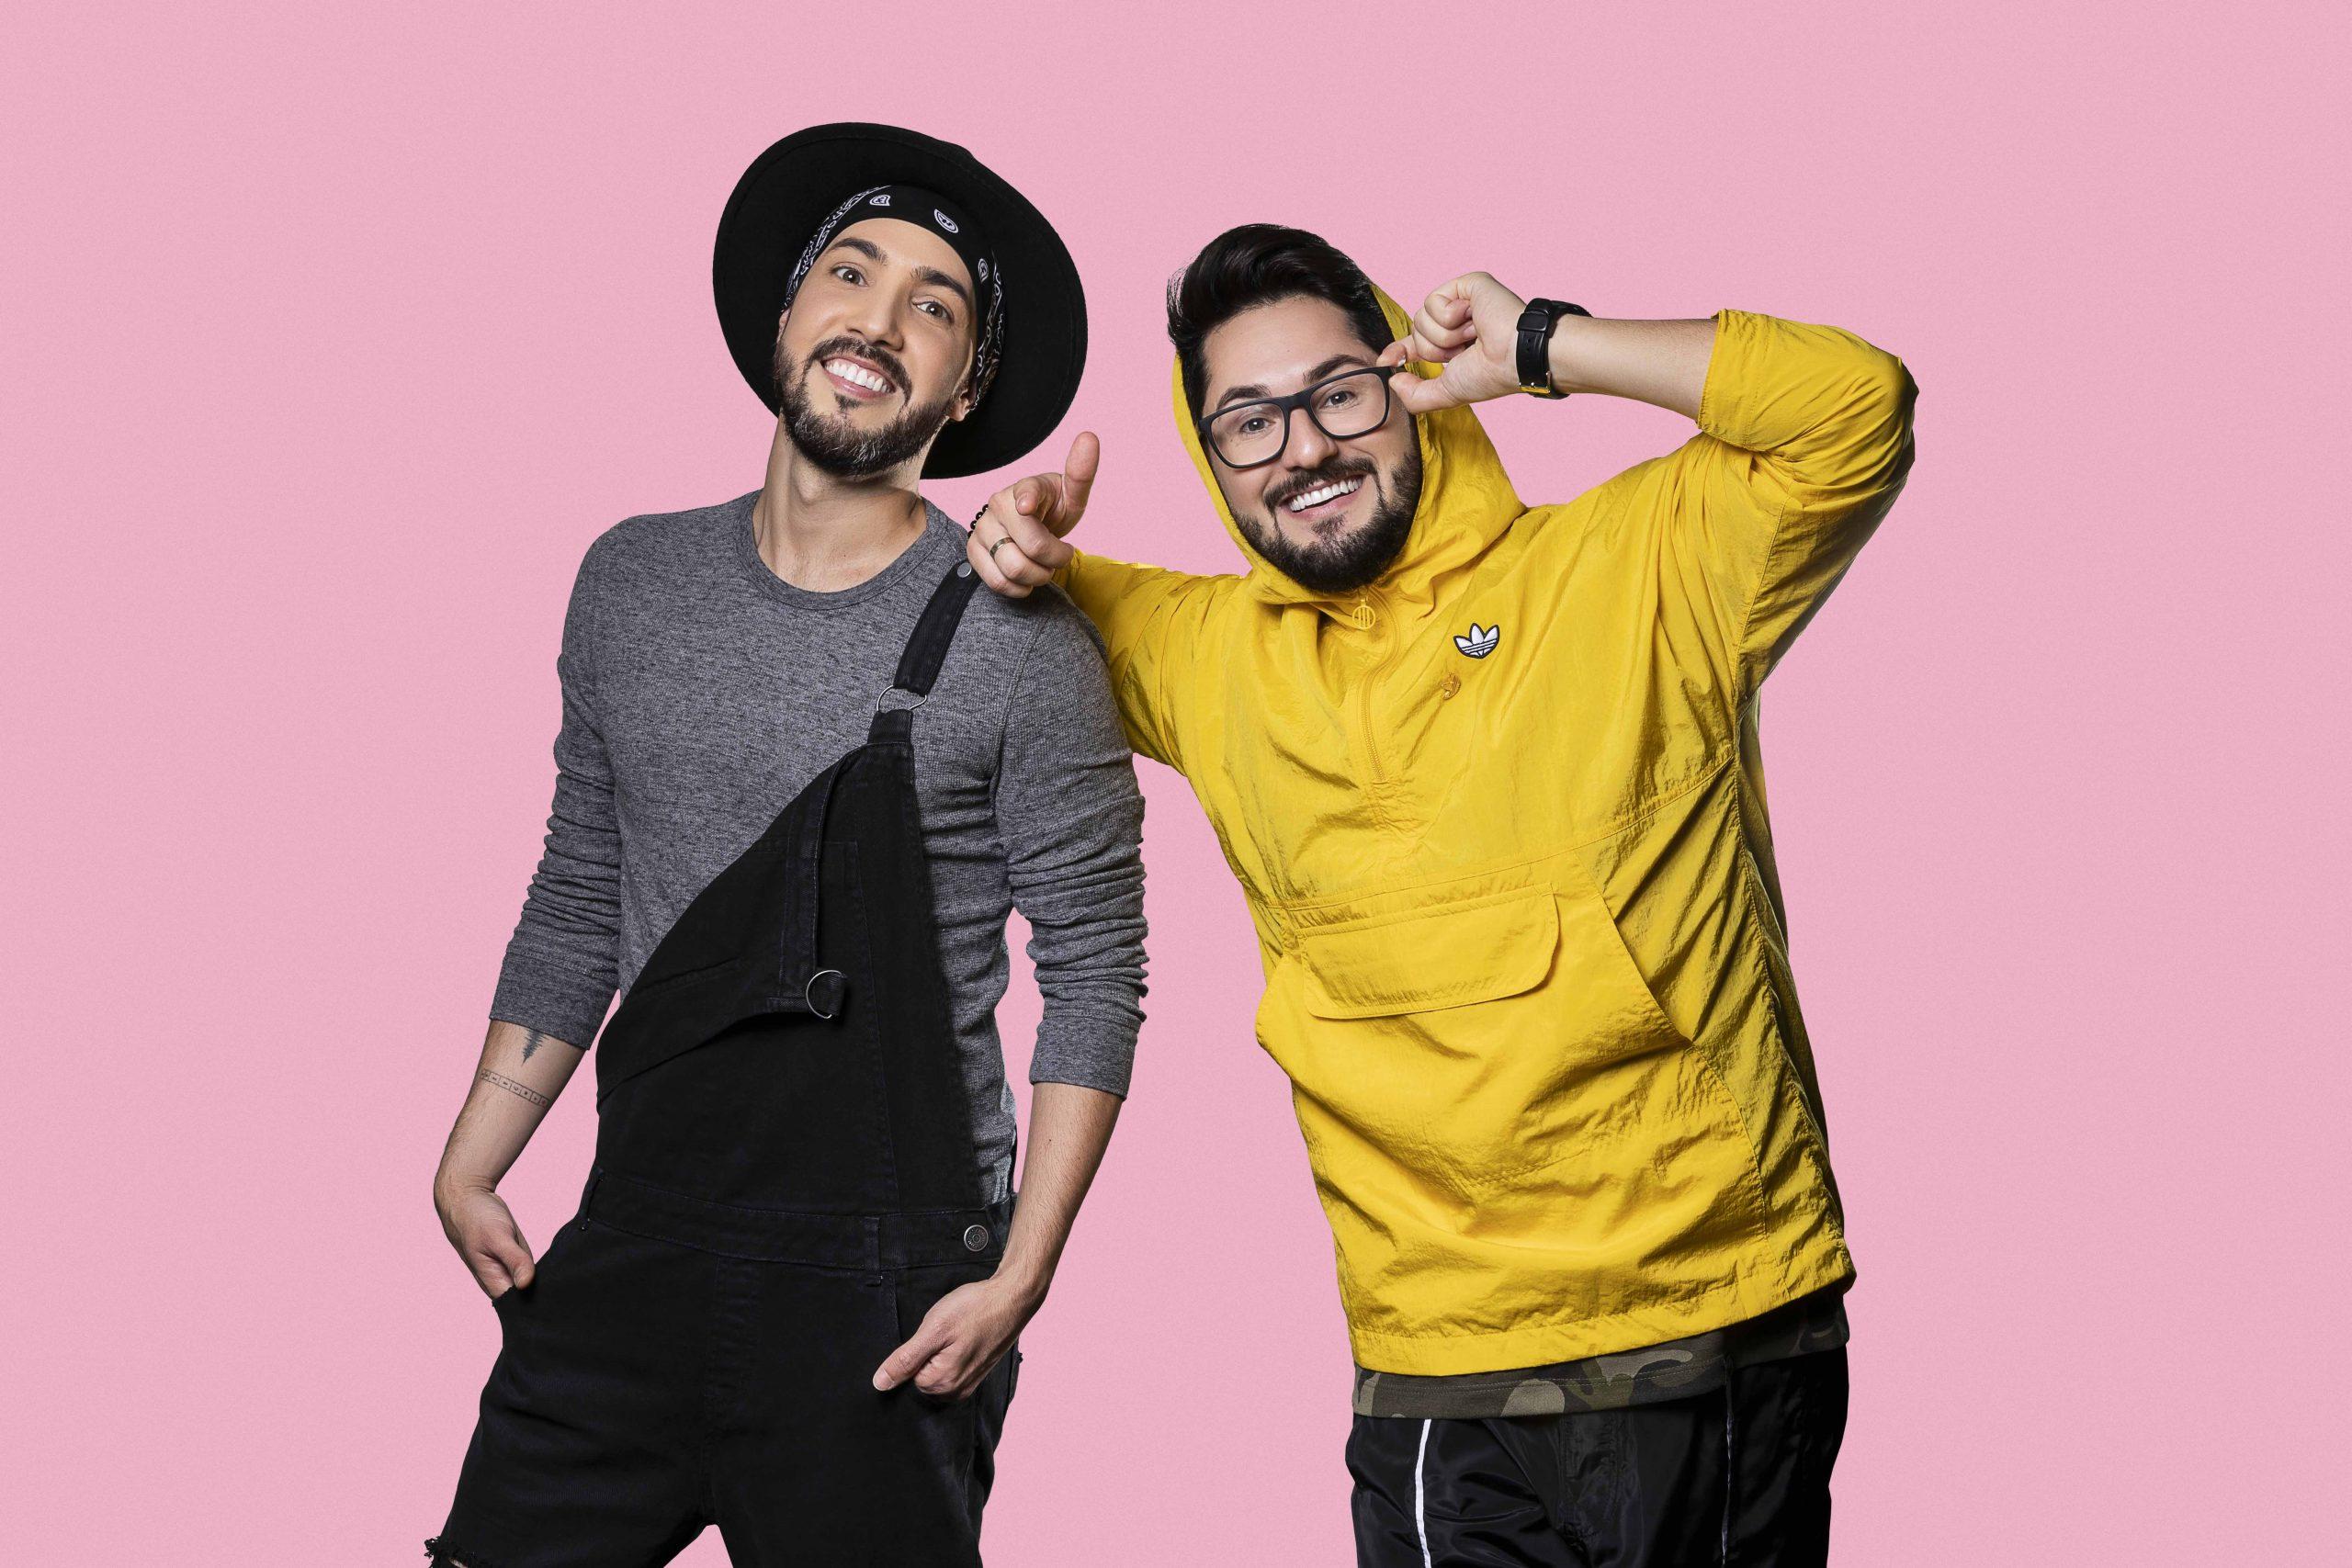 Sandro e Cícero. Foto: Divulgação